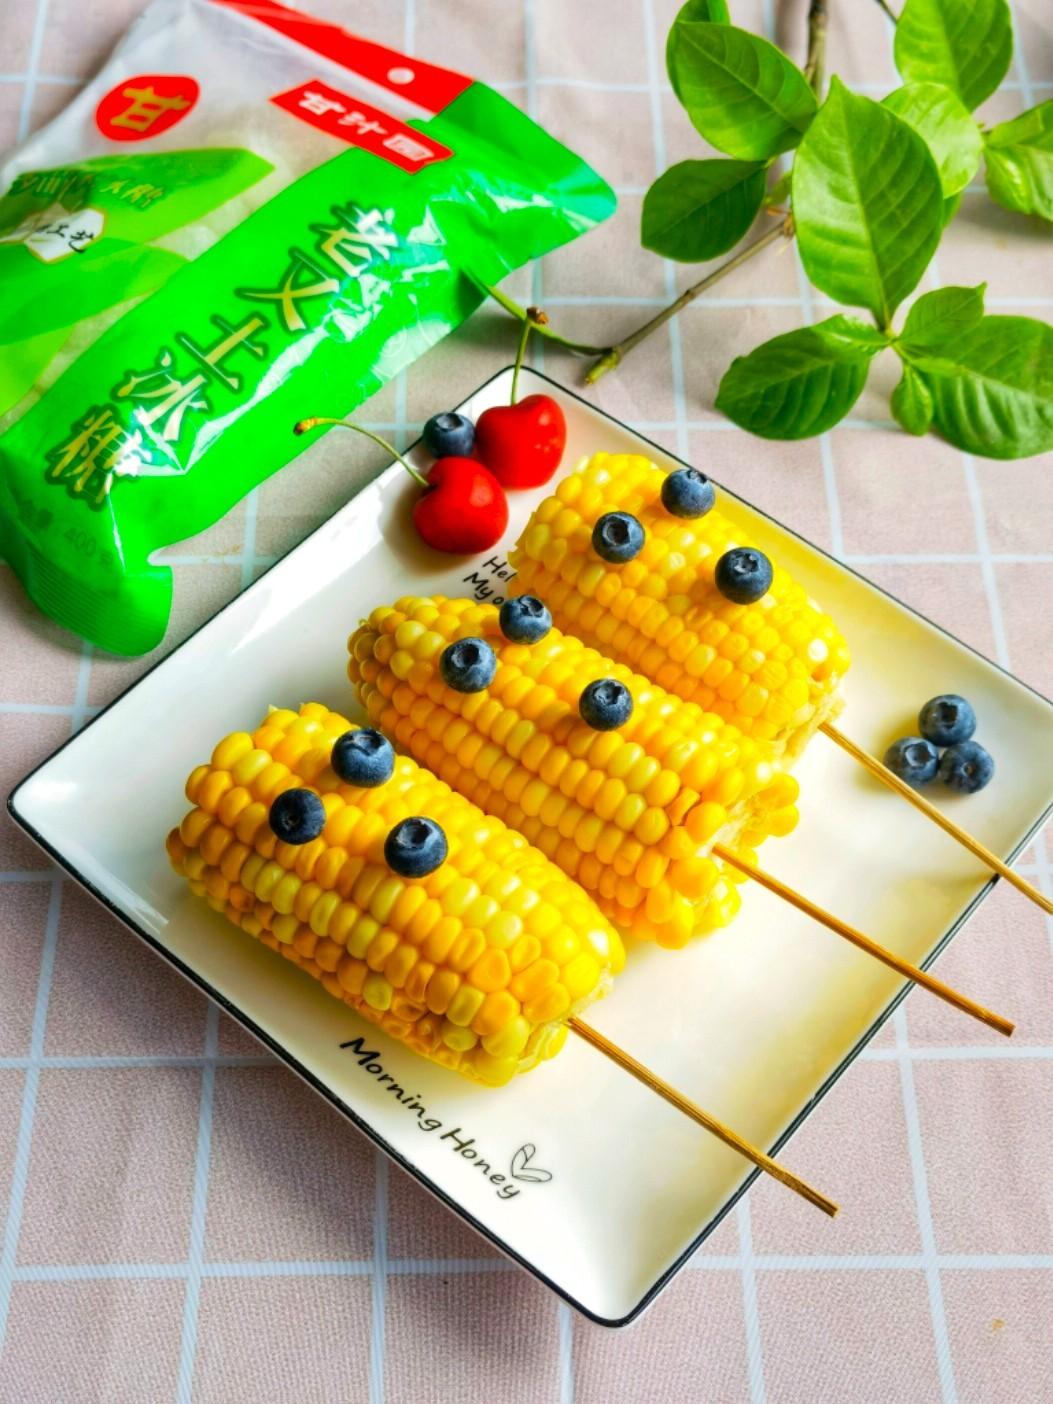 冰糖水果玉米的做法